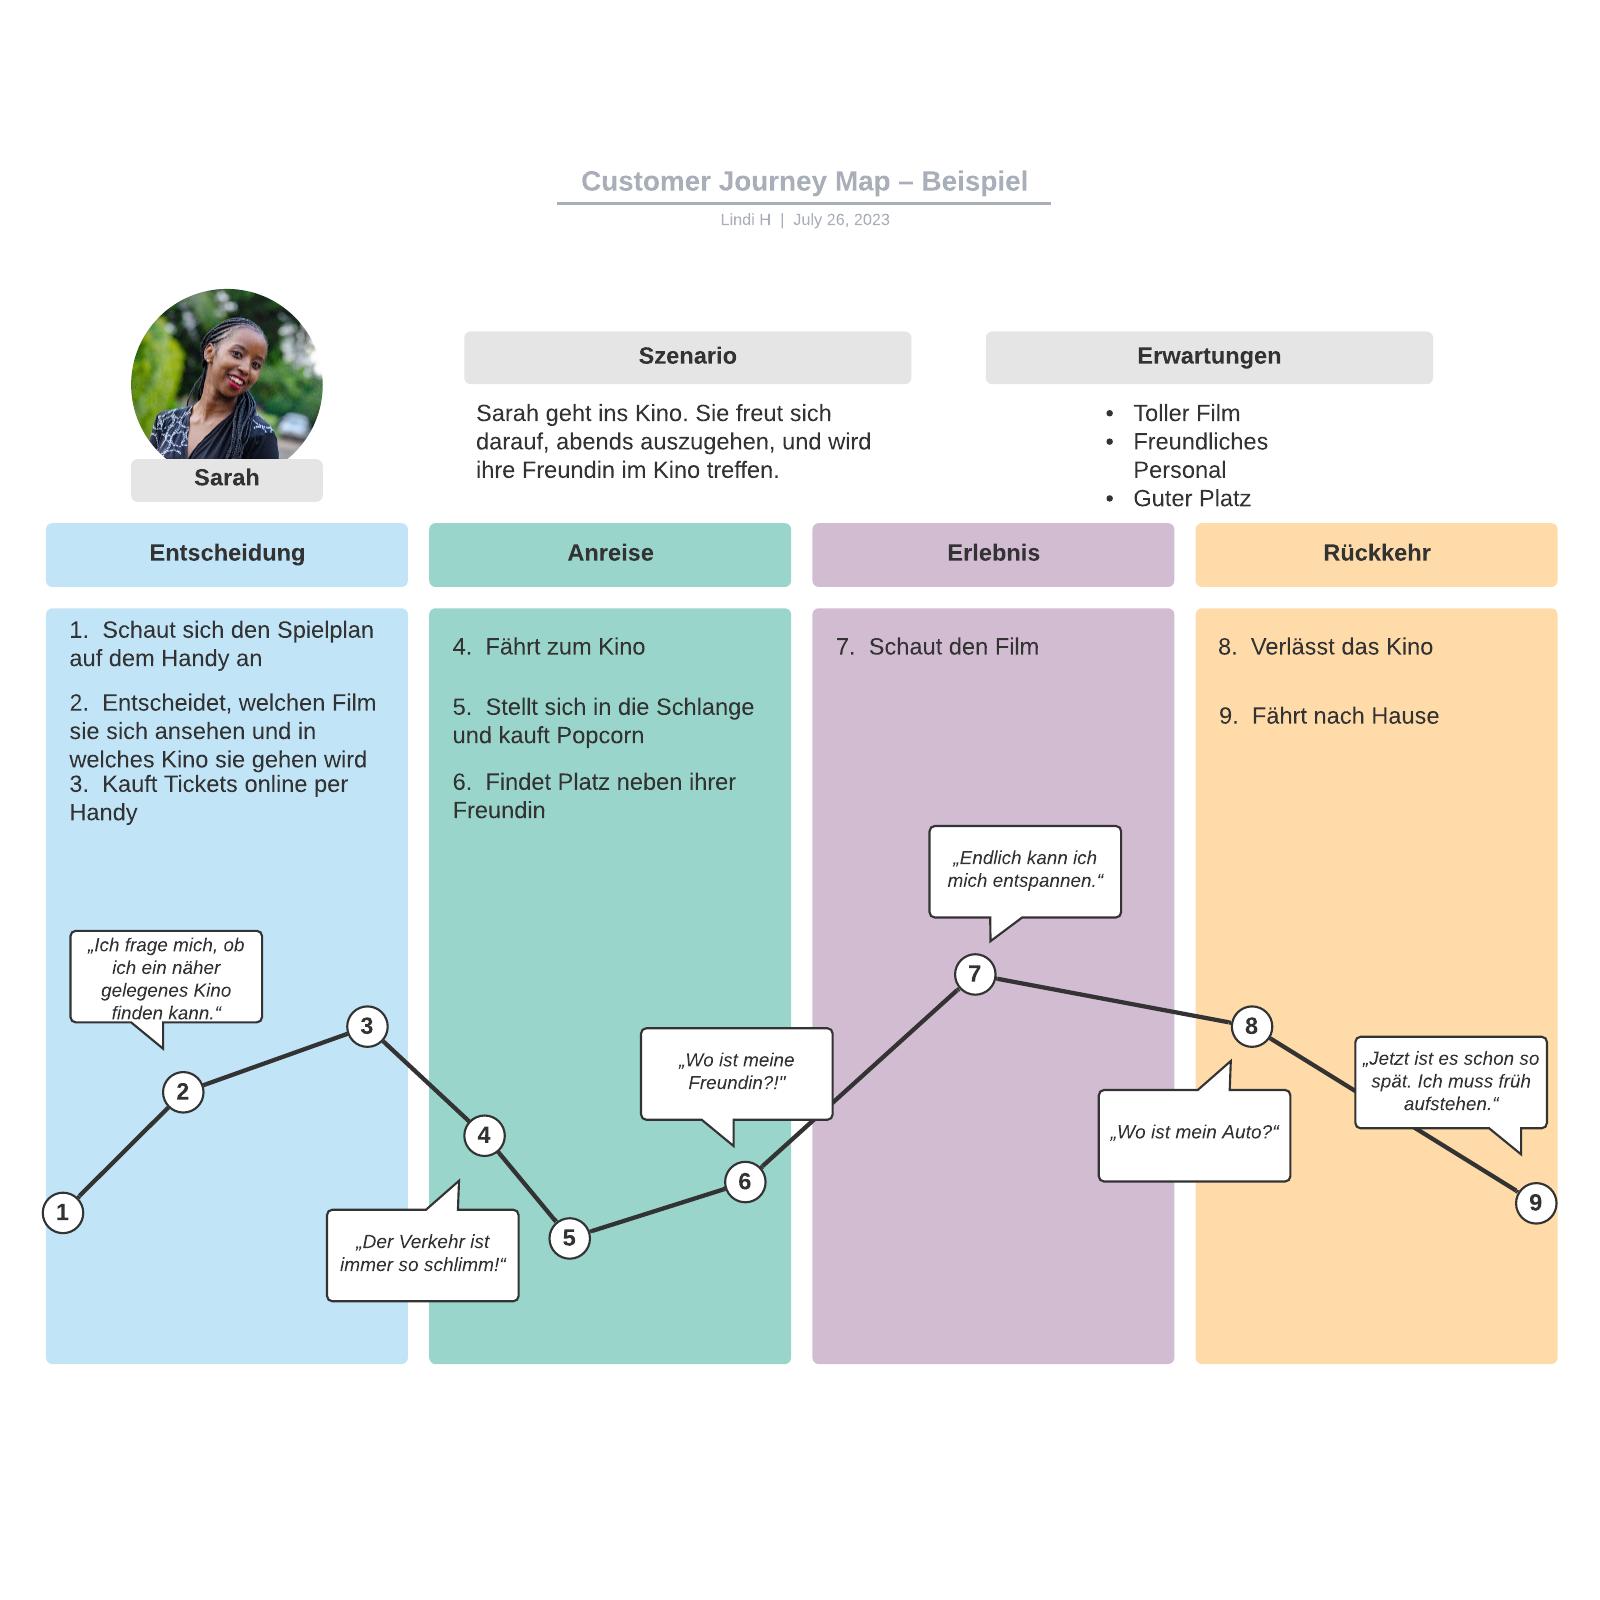 Customer Journey Map – Beispiel